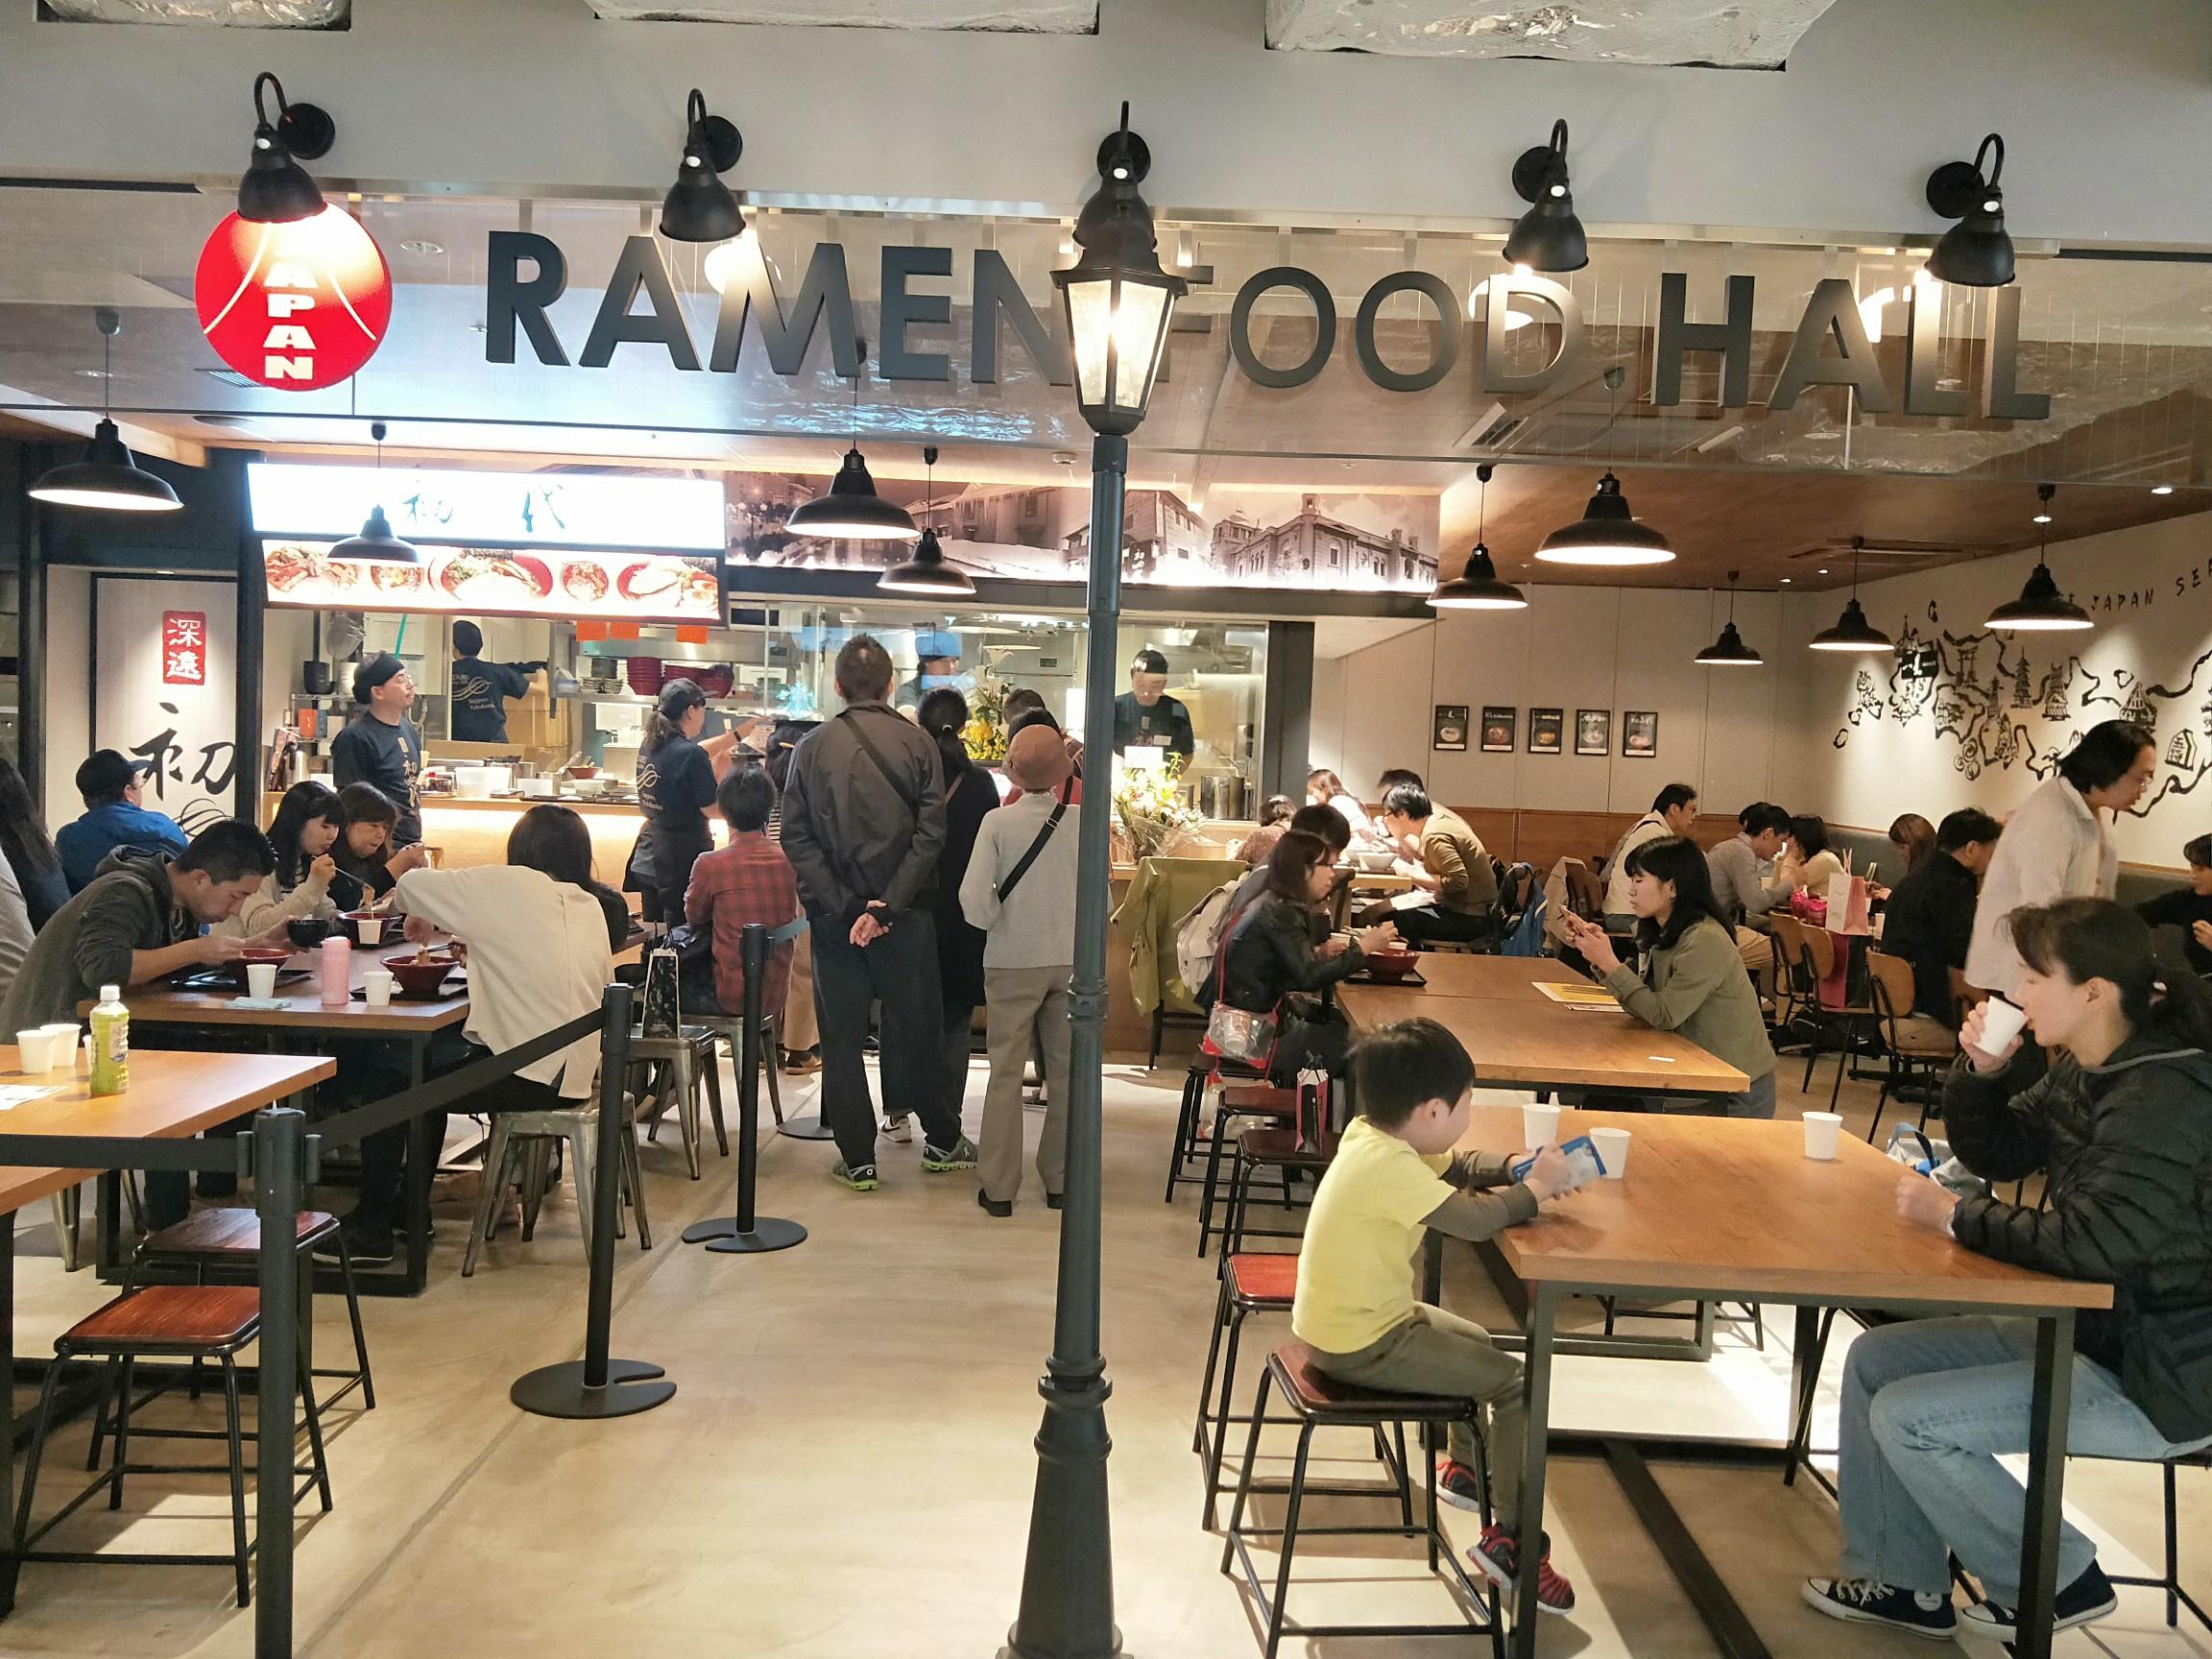 【横浜ハンマーヘッド】10月31日New Open!食をテーマにしたテーマパークへ潜入✨_15